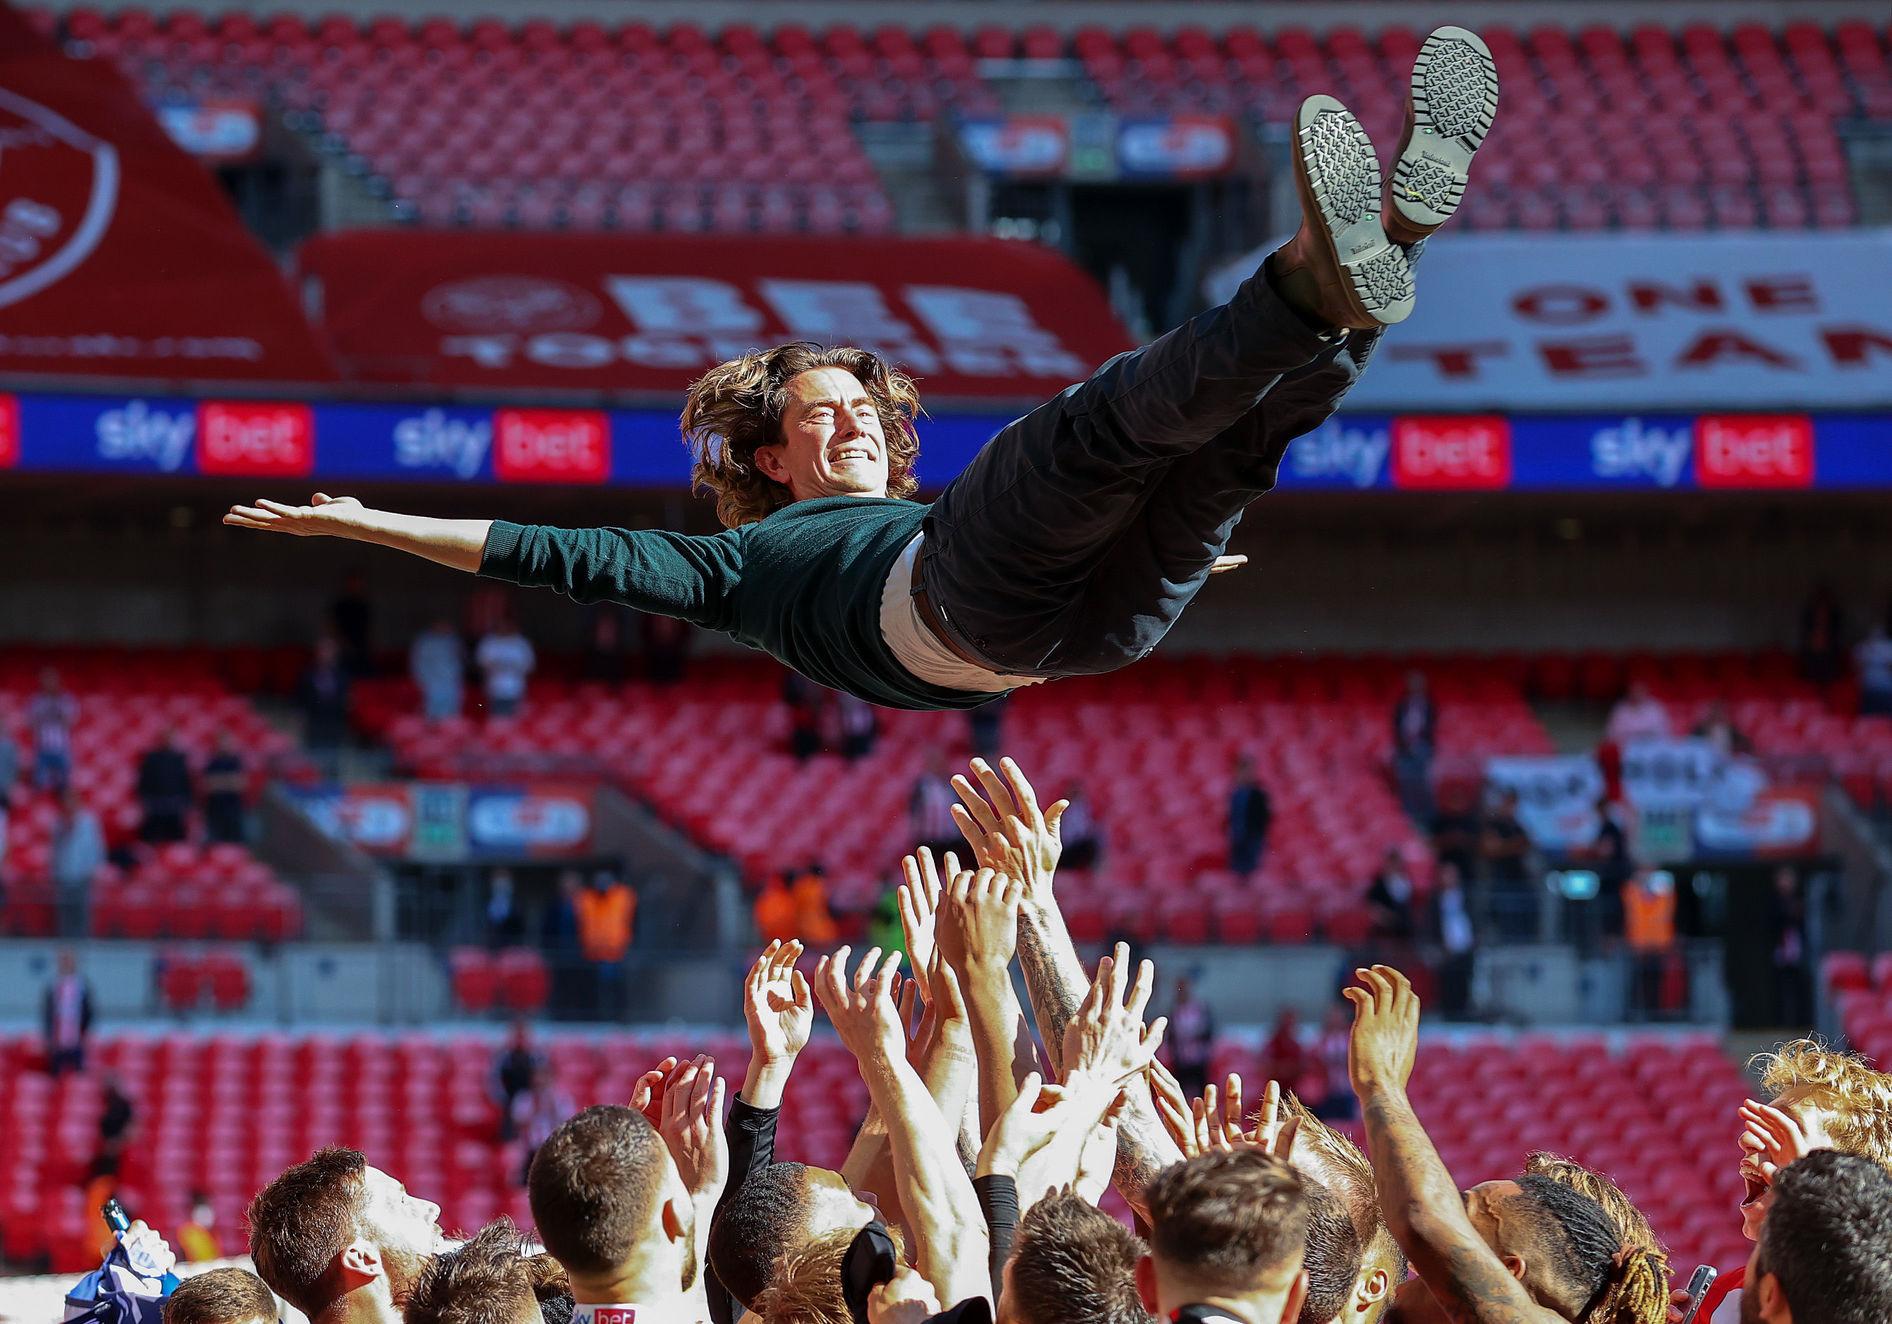 Манчестер Сити снова будет чемпионом? Чего ожидать от нового сезона АПЛ - изображение 3